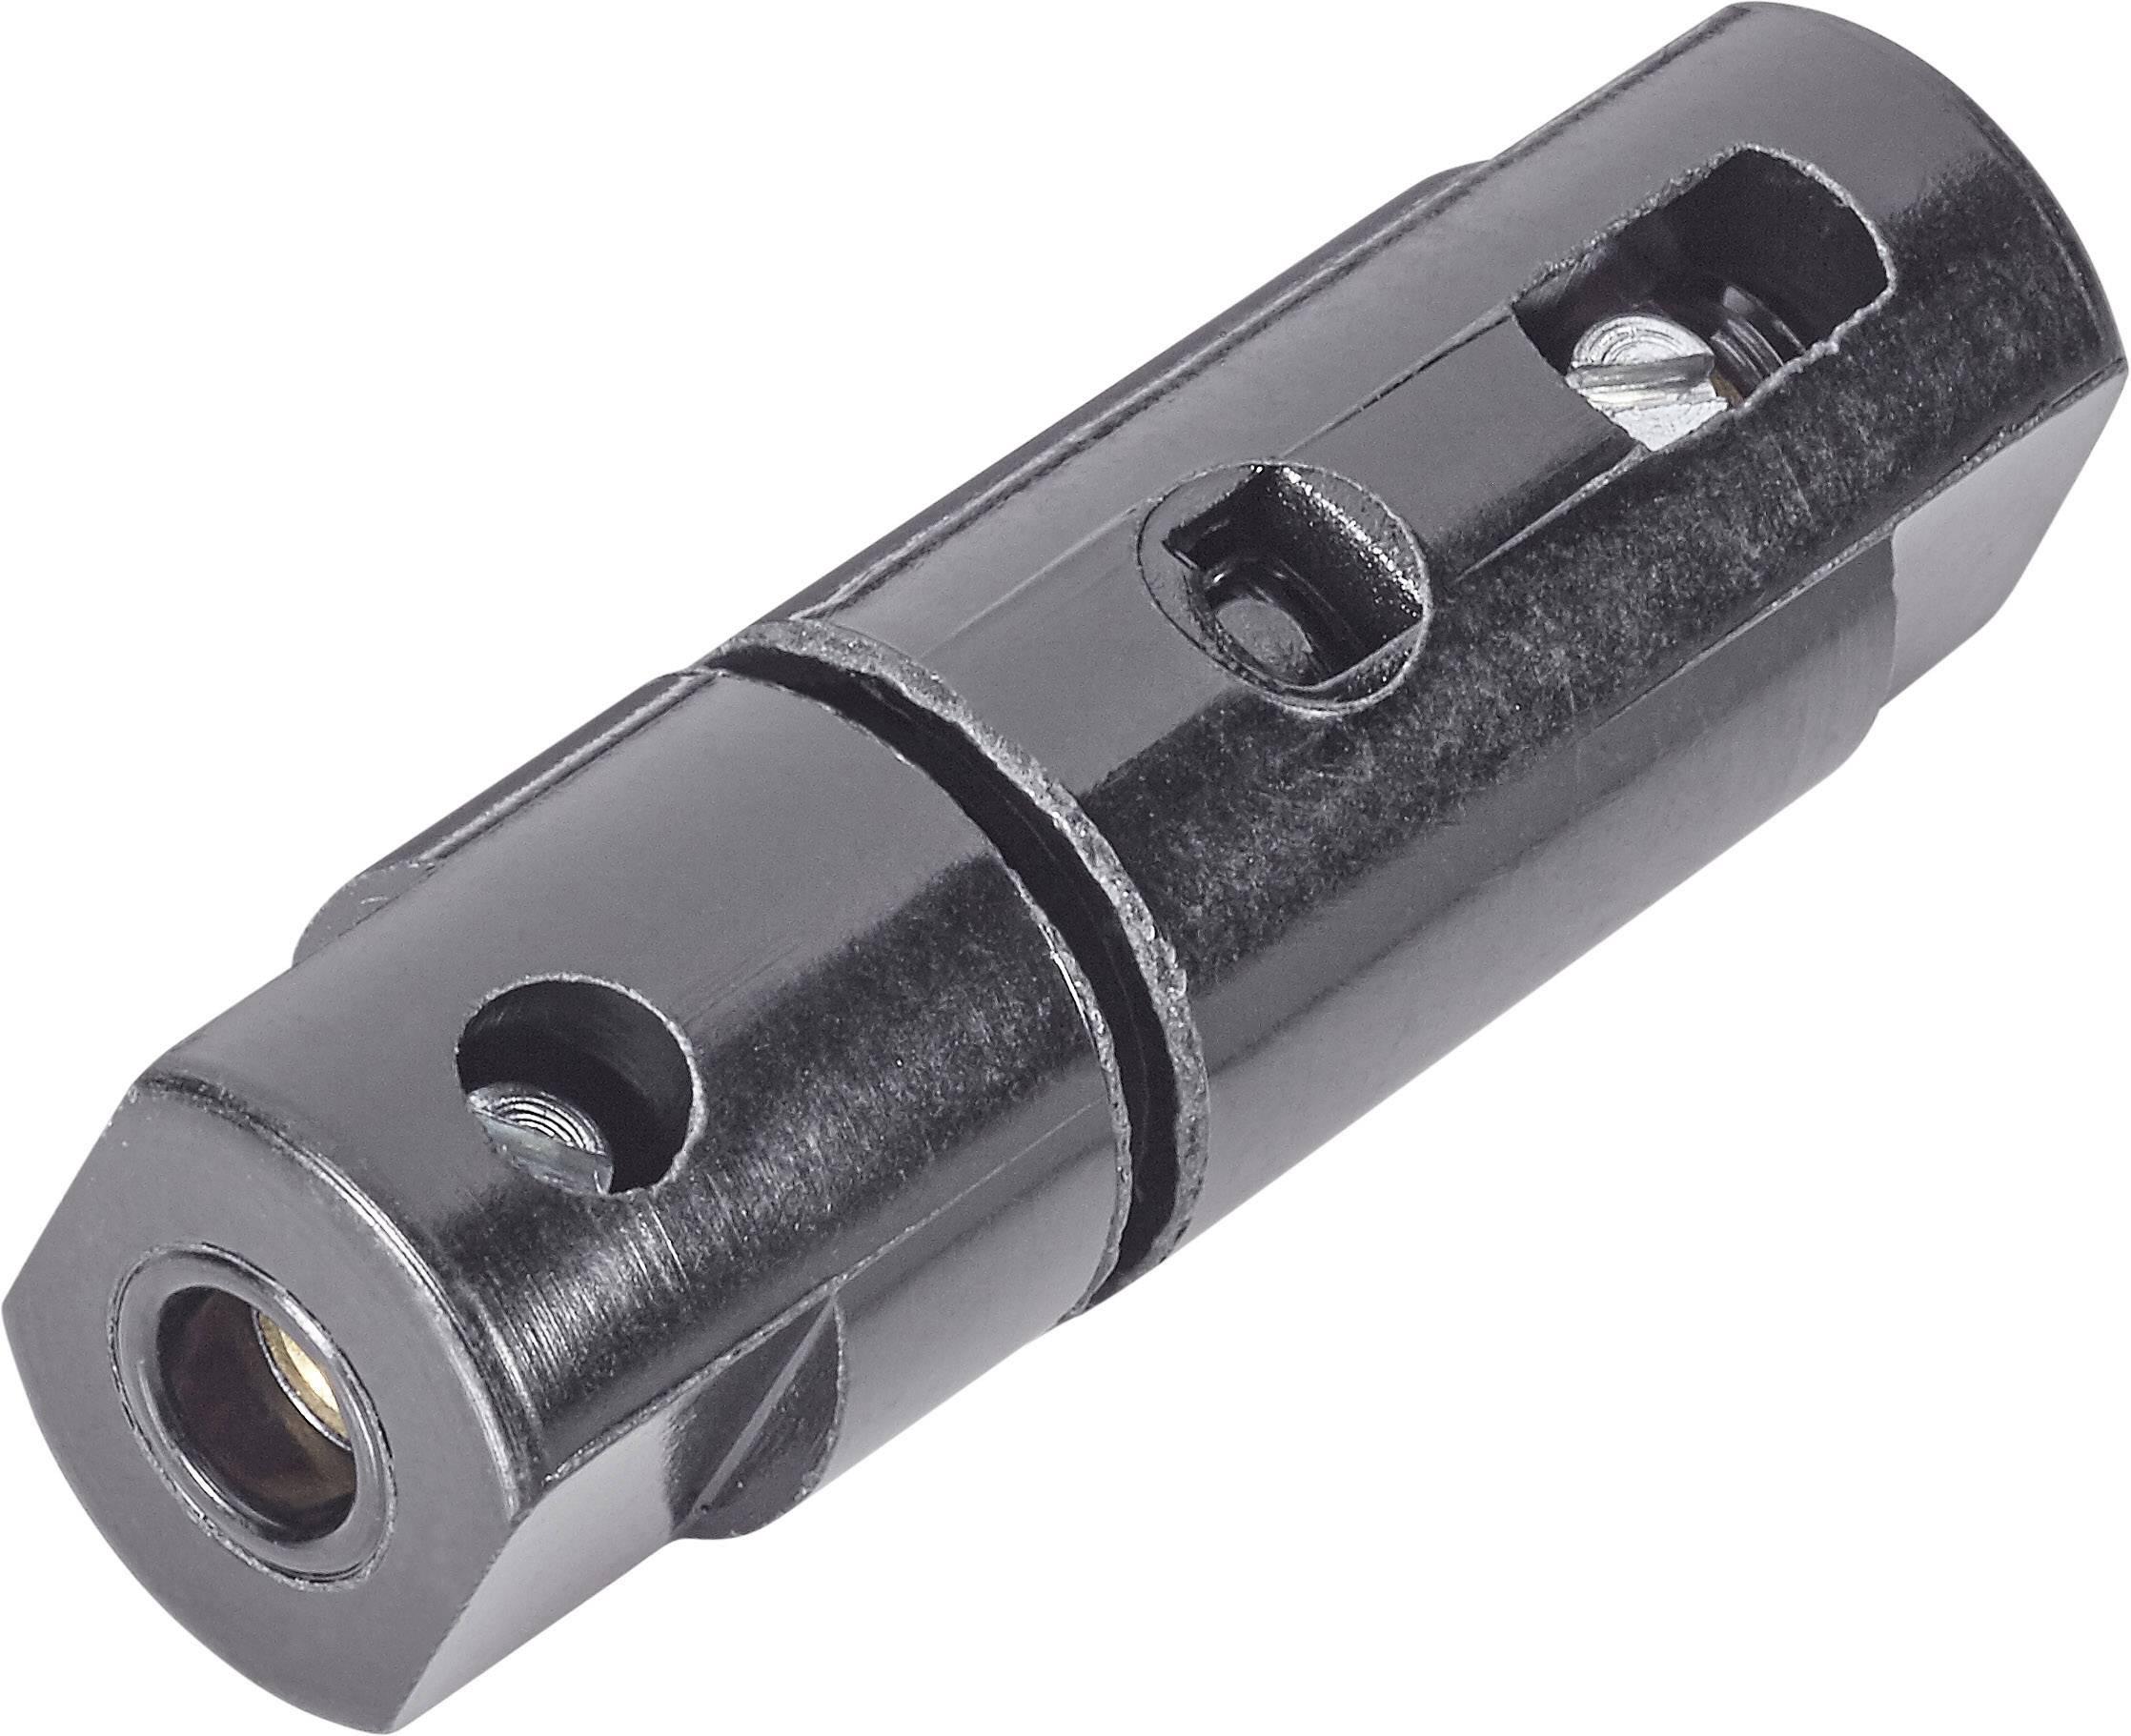 Kabelová autospojka, 36 V, 25 A, 49 mm, Ø 13 mm